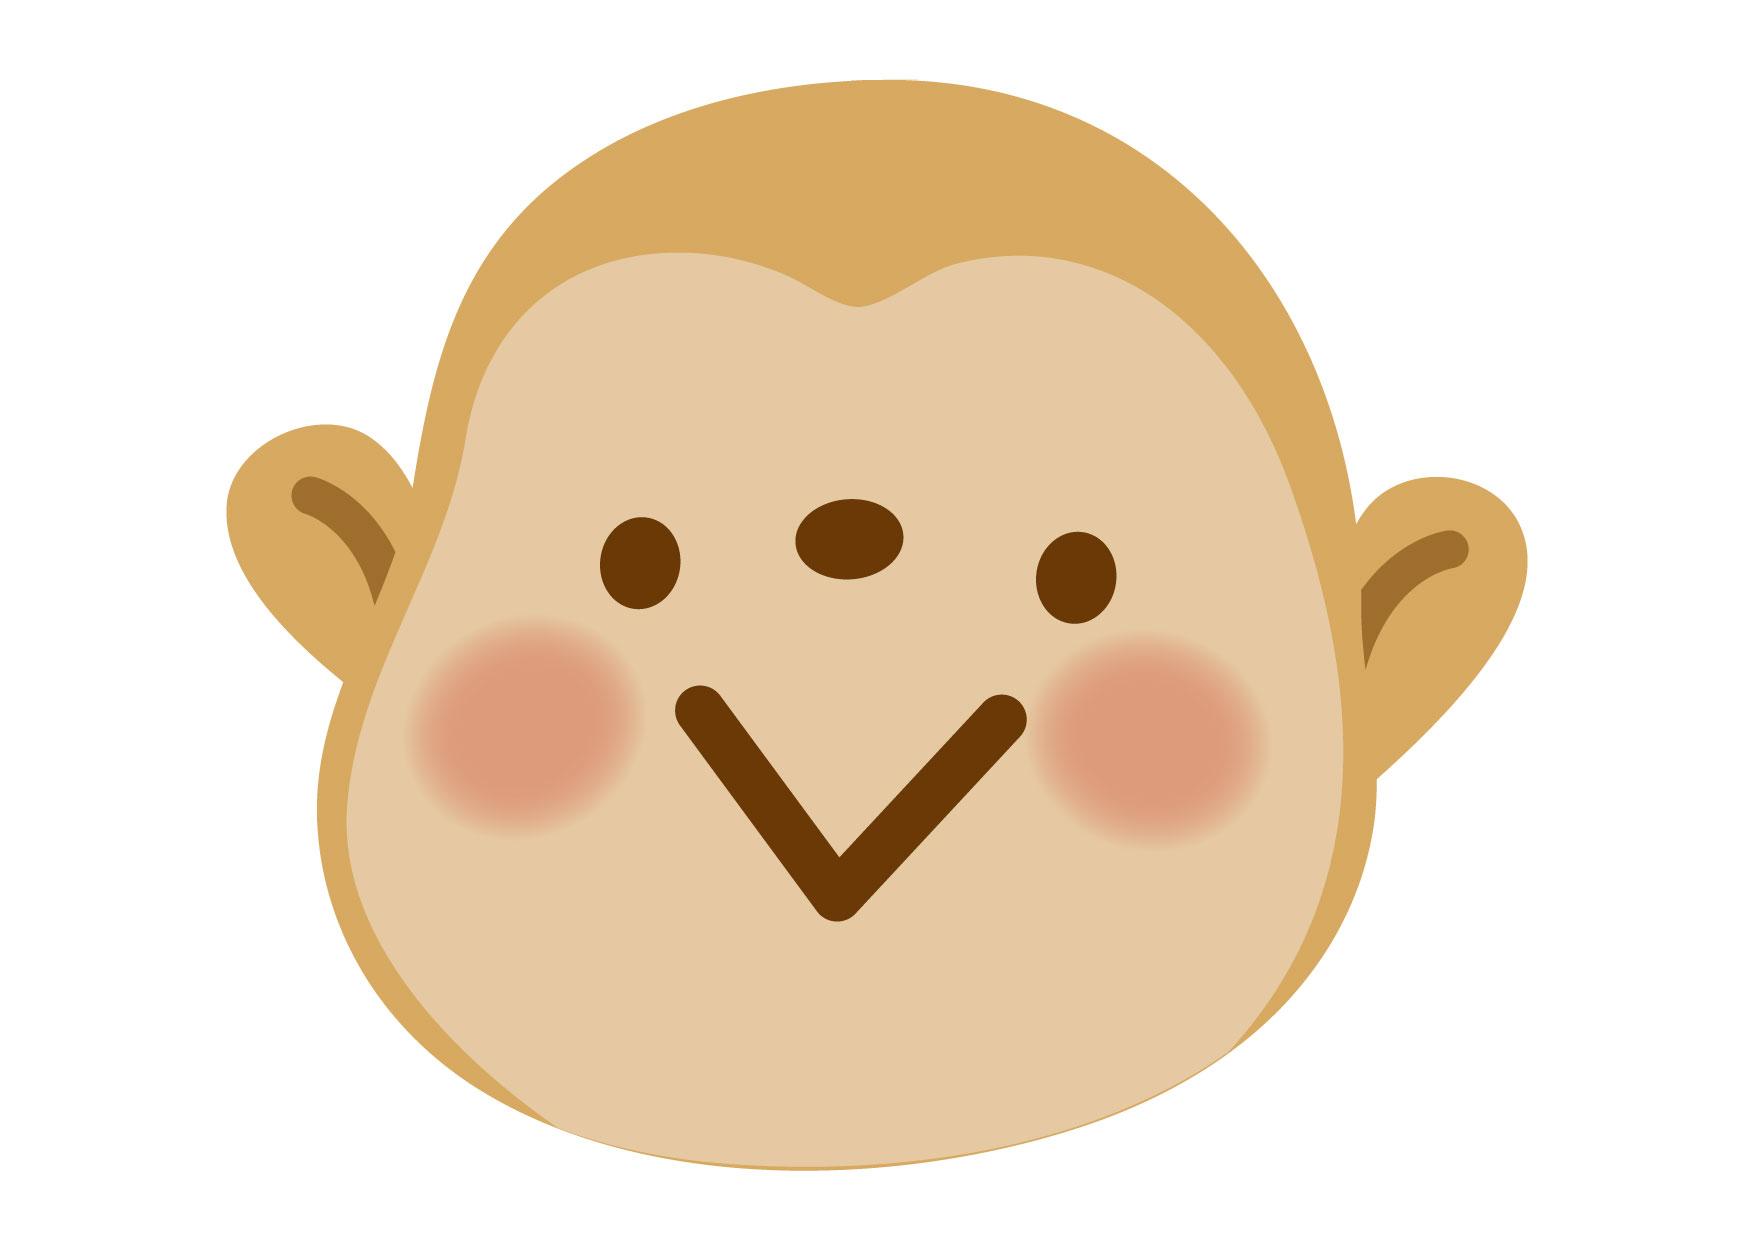 可愛いイラスト無料|さる 顔 アップ − free illustration Monkey face up